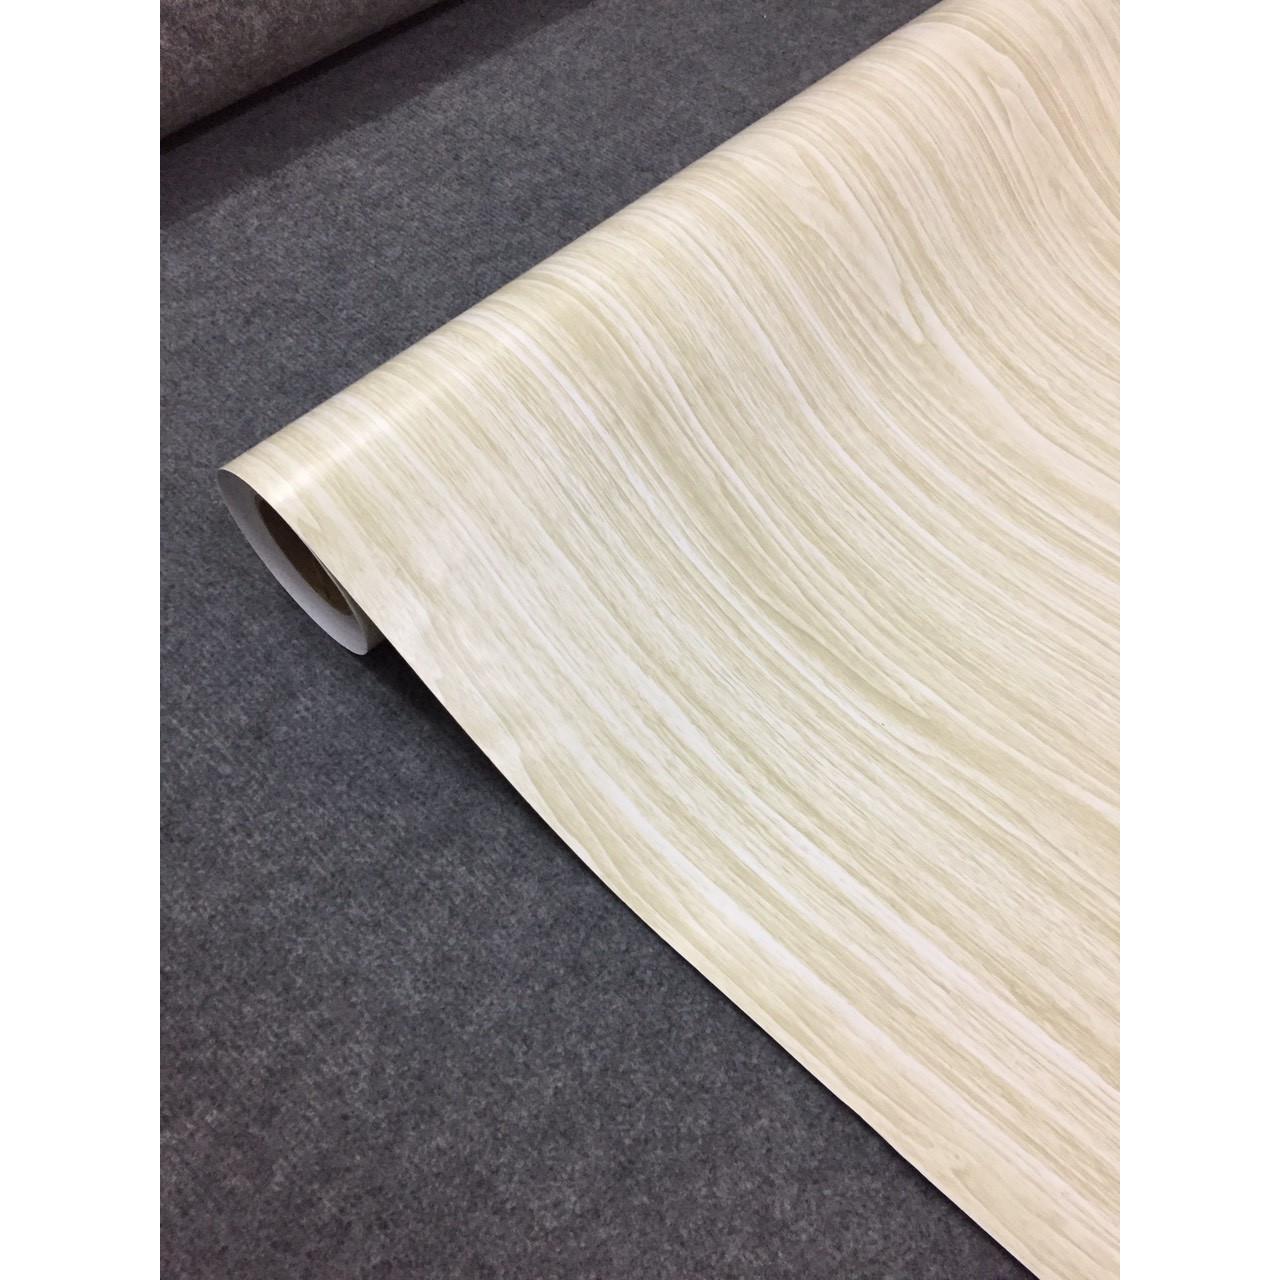 Decal vân gỗ trắng - Giấy dán tường bàn tủ có sẵn keo ( khổ 1,2m - Mẫu G2 )